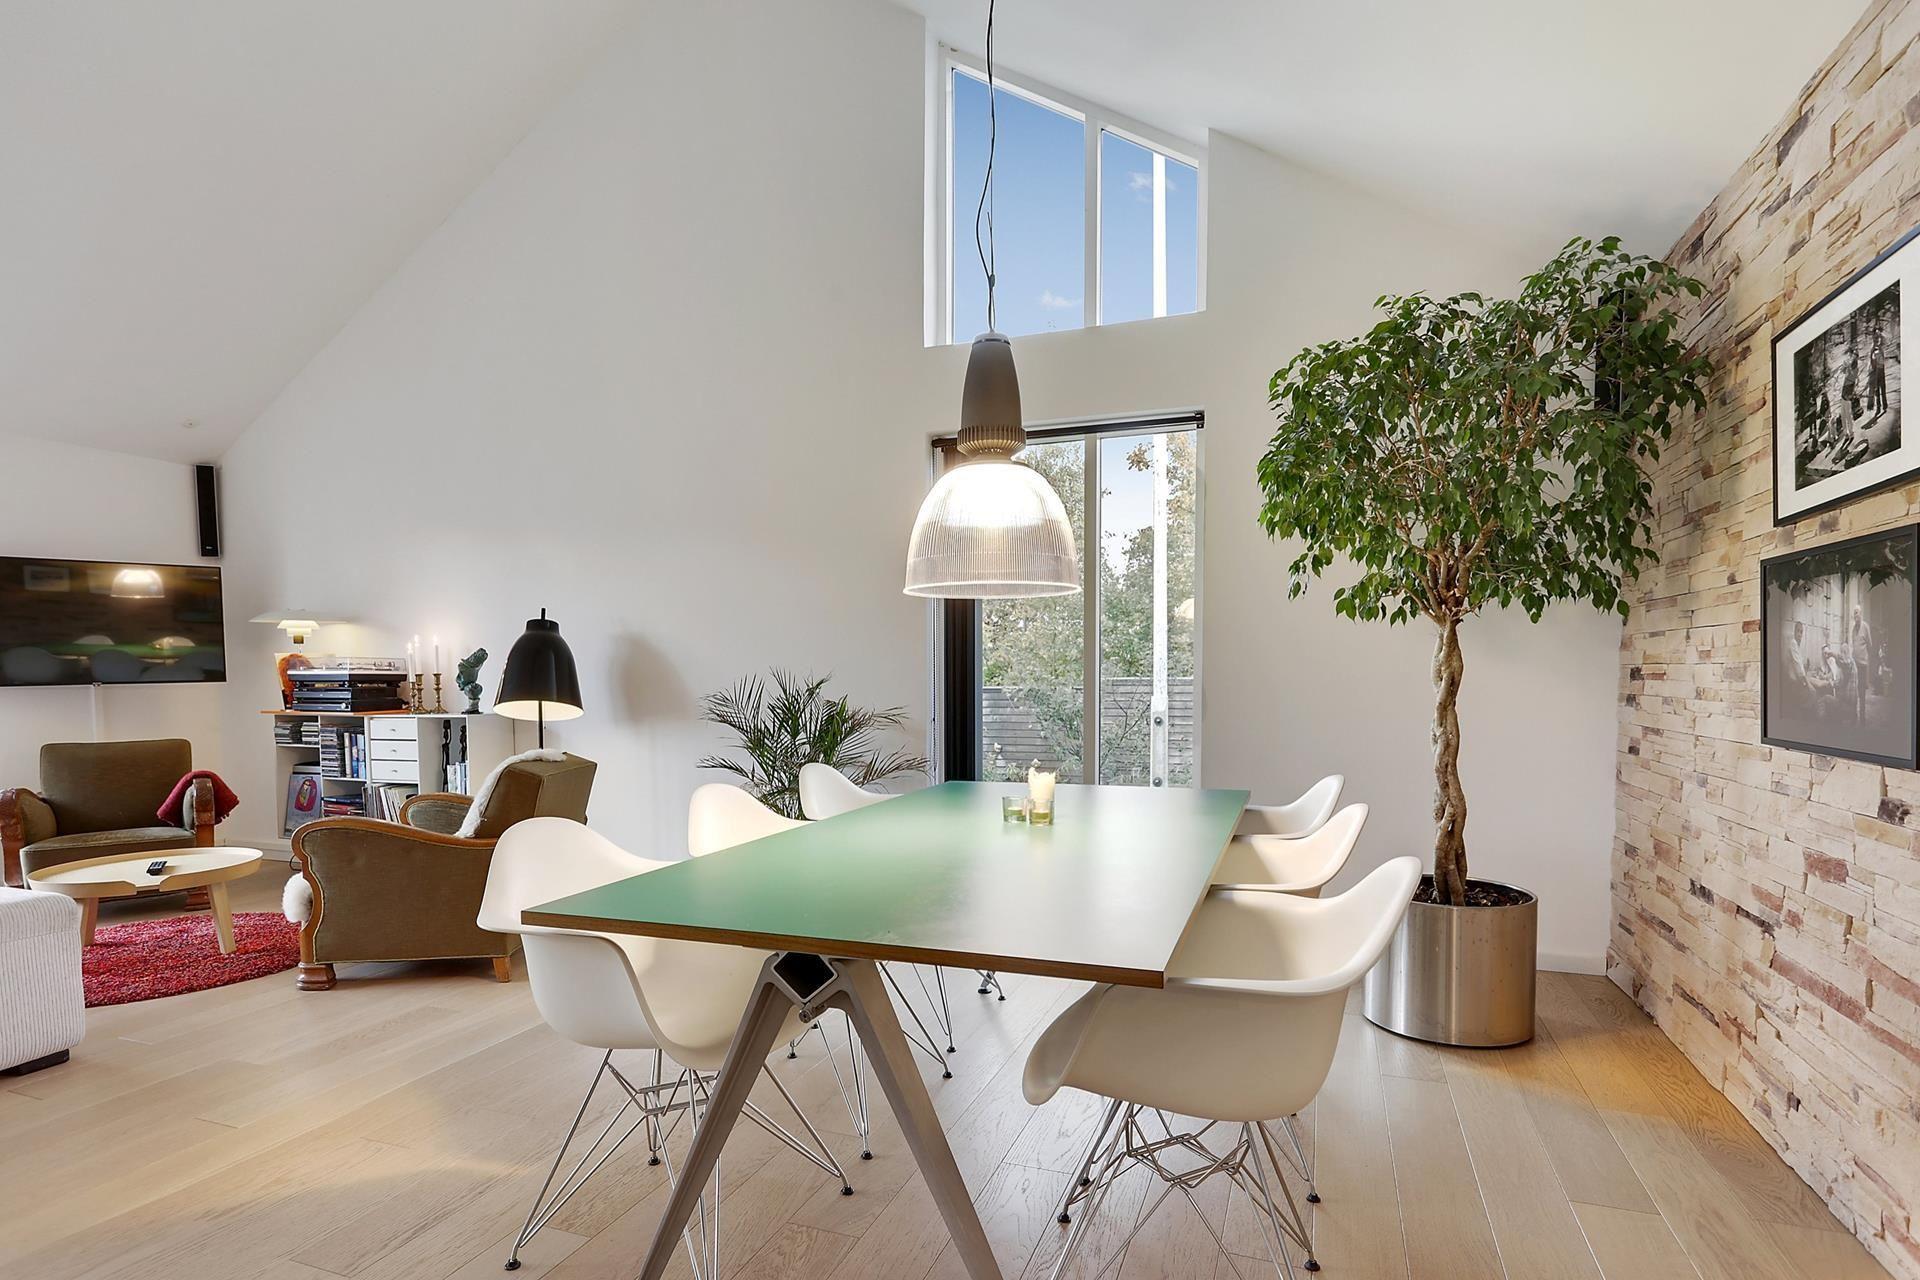 Muebles y armarios bajos de cocina   Mueble cocina, Blog decoracion ...